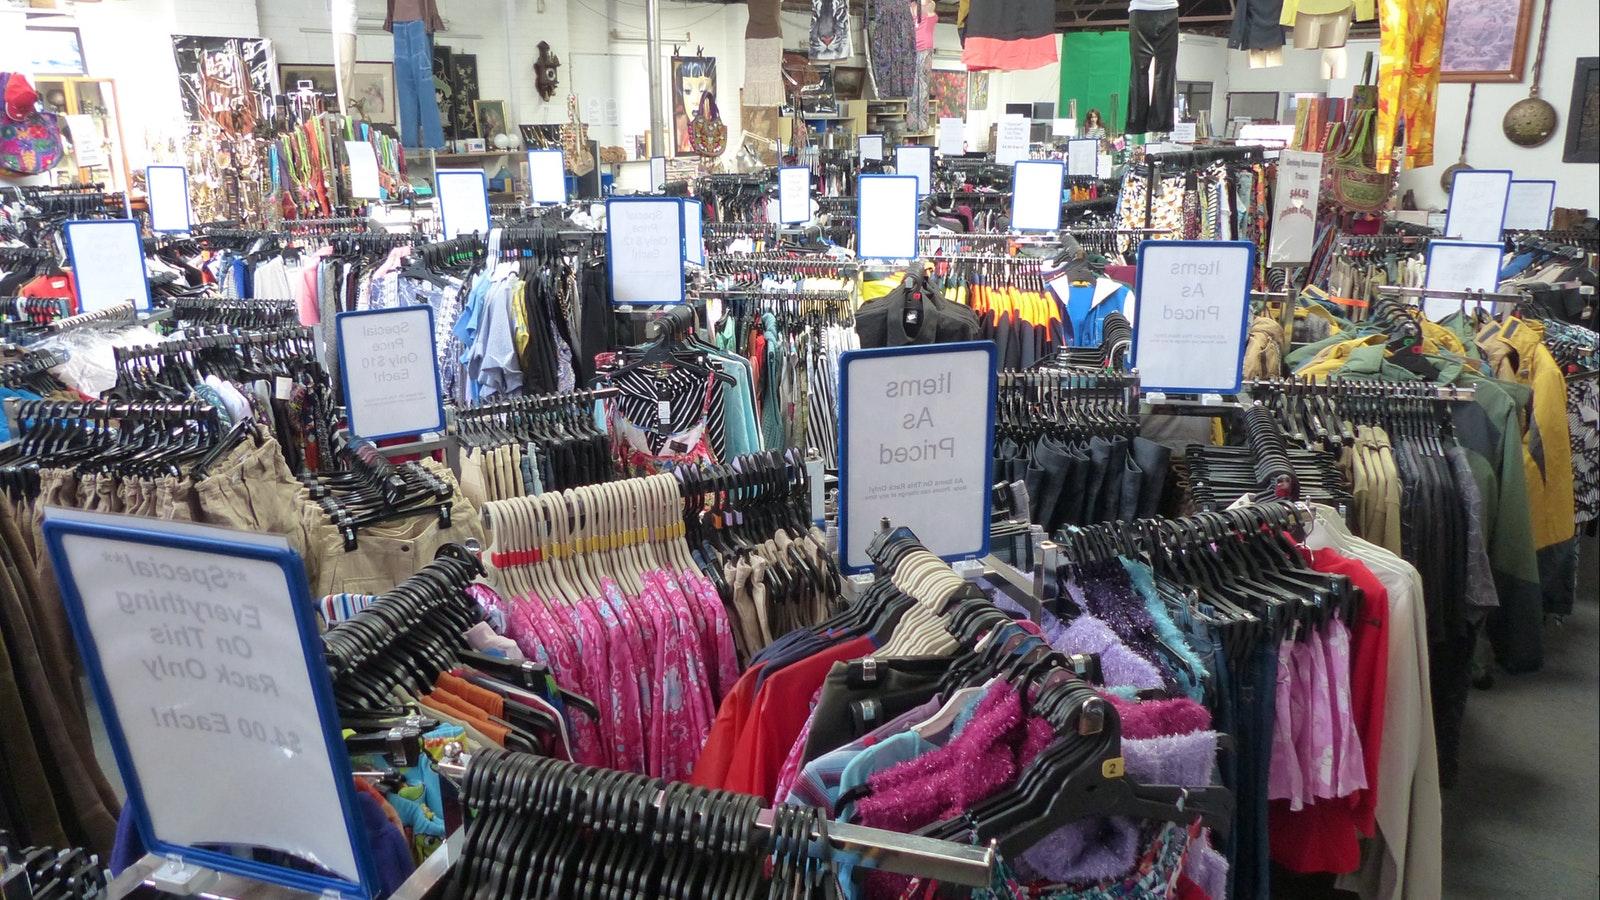 Warehouse Clothing